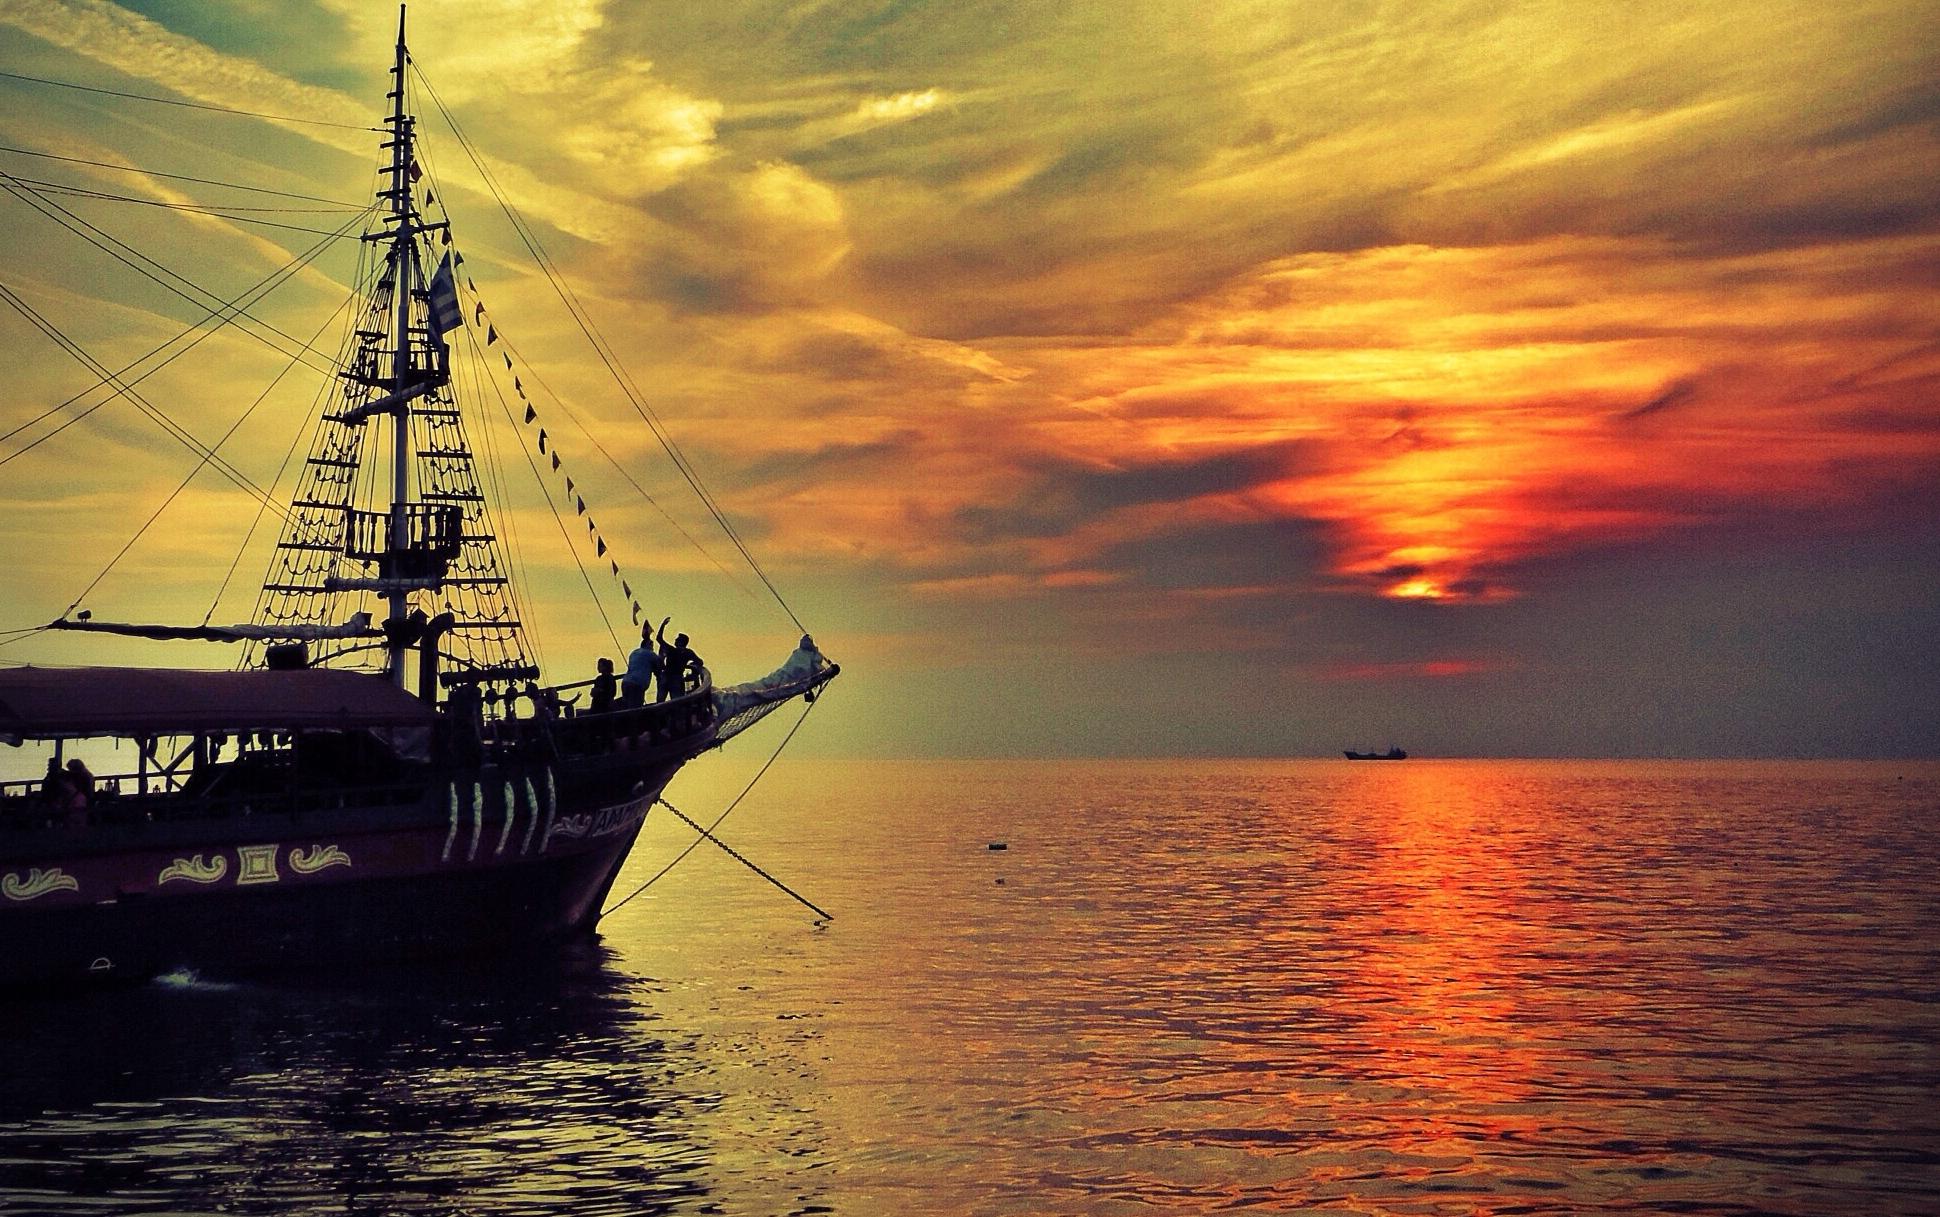 корабли на закате  № 3504019 бесплатно